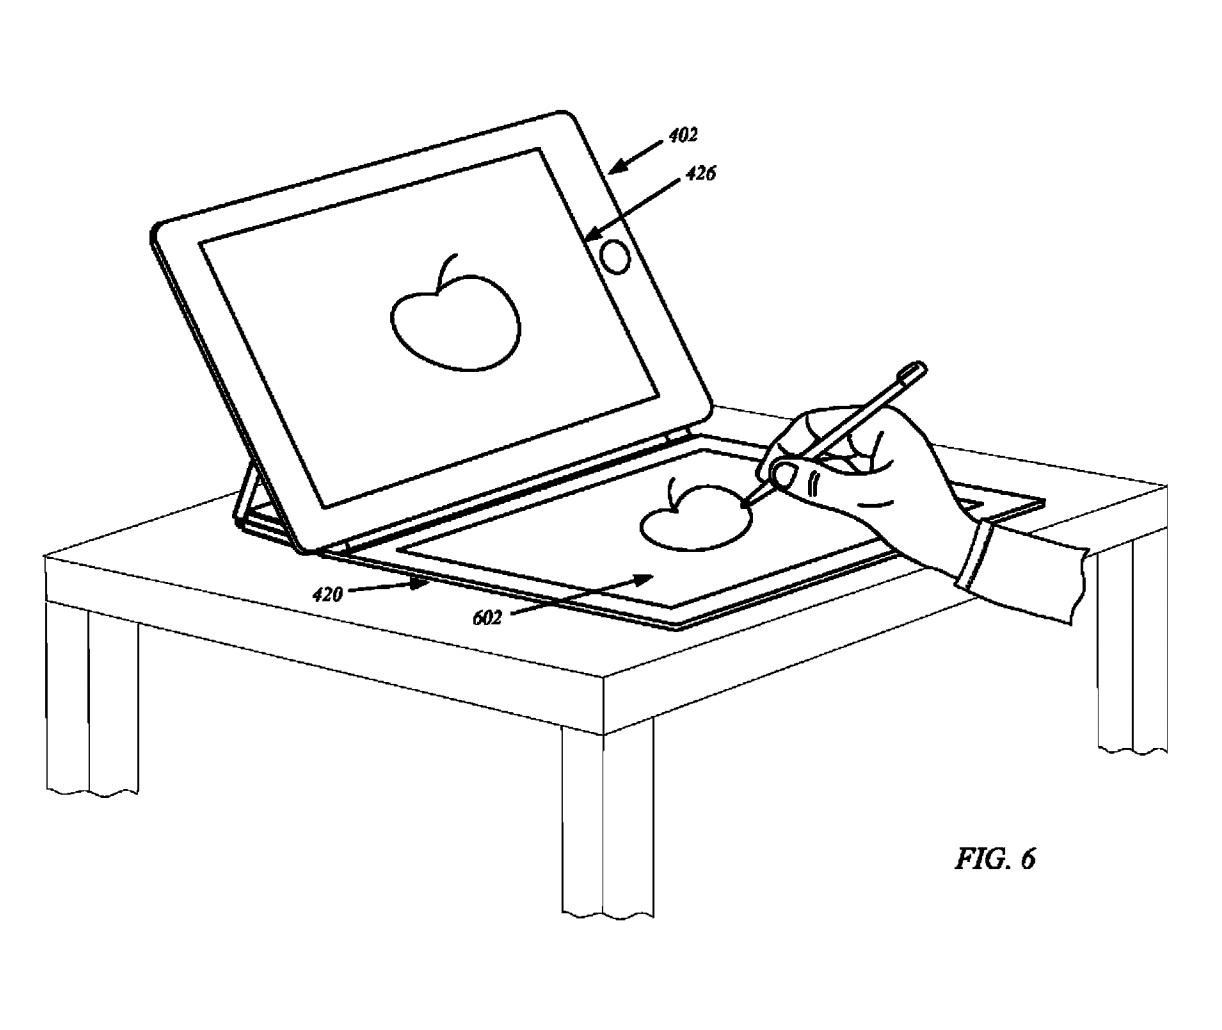 apple-akilli-kapak-patent-110516-3